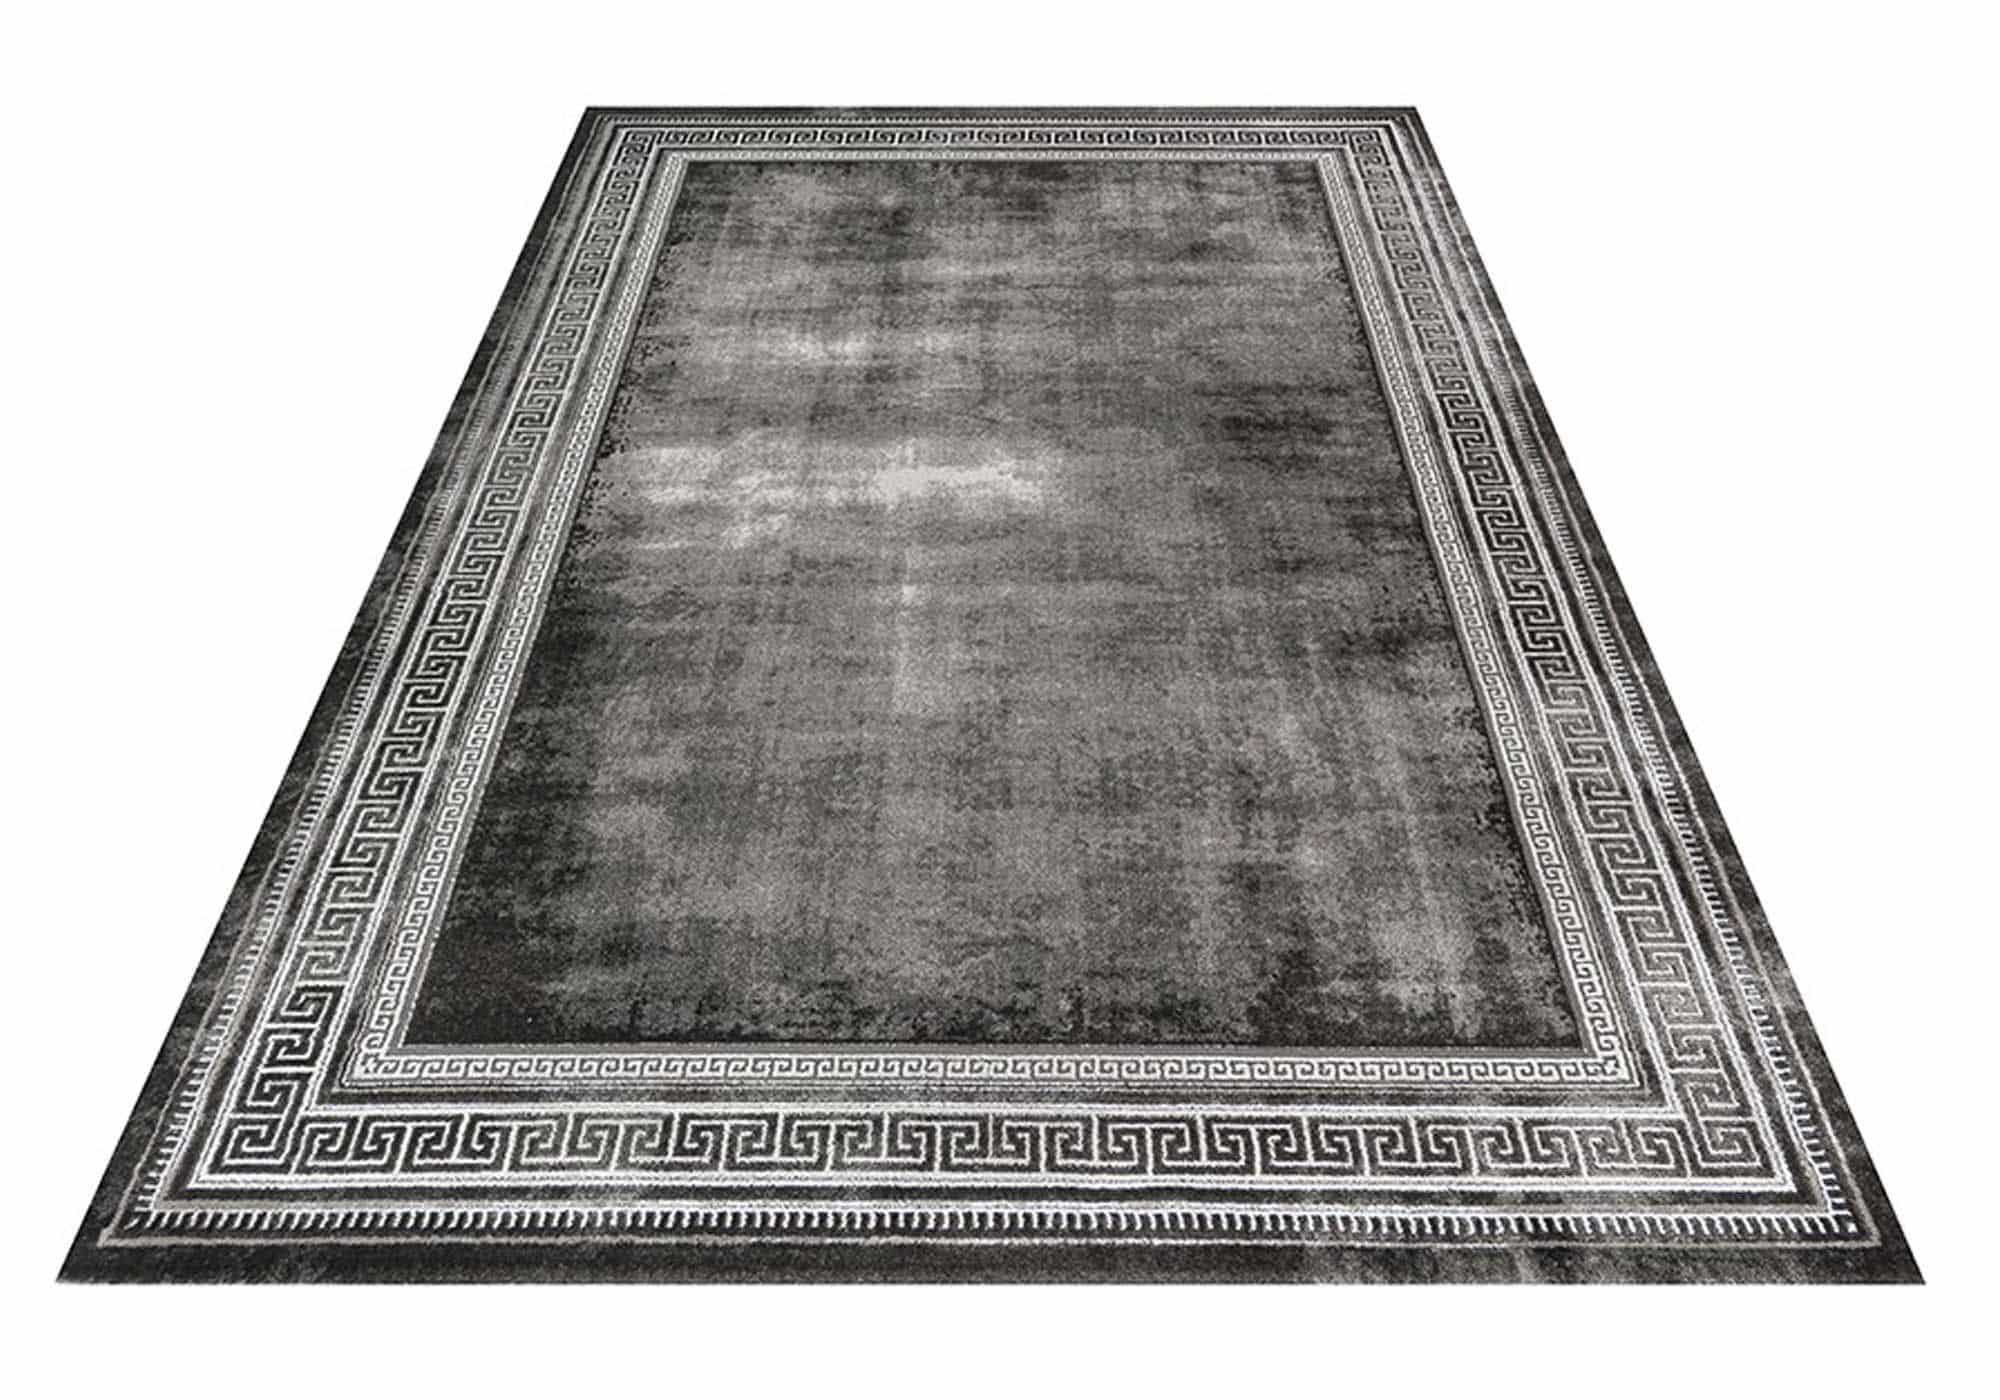 Teppich 160 x 230 cm - Marmor Optik - 11 mm Höhe - grau - Opal 720